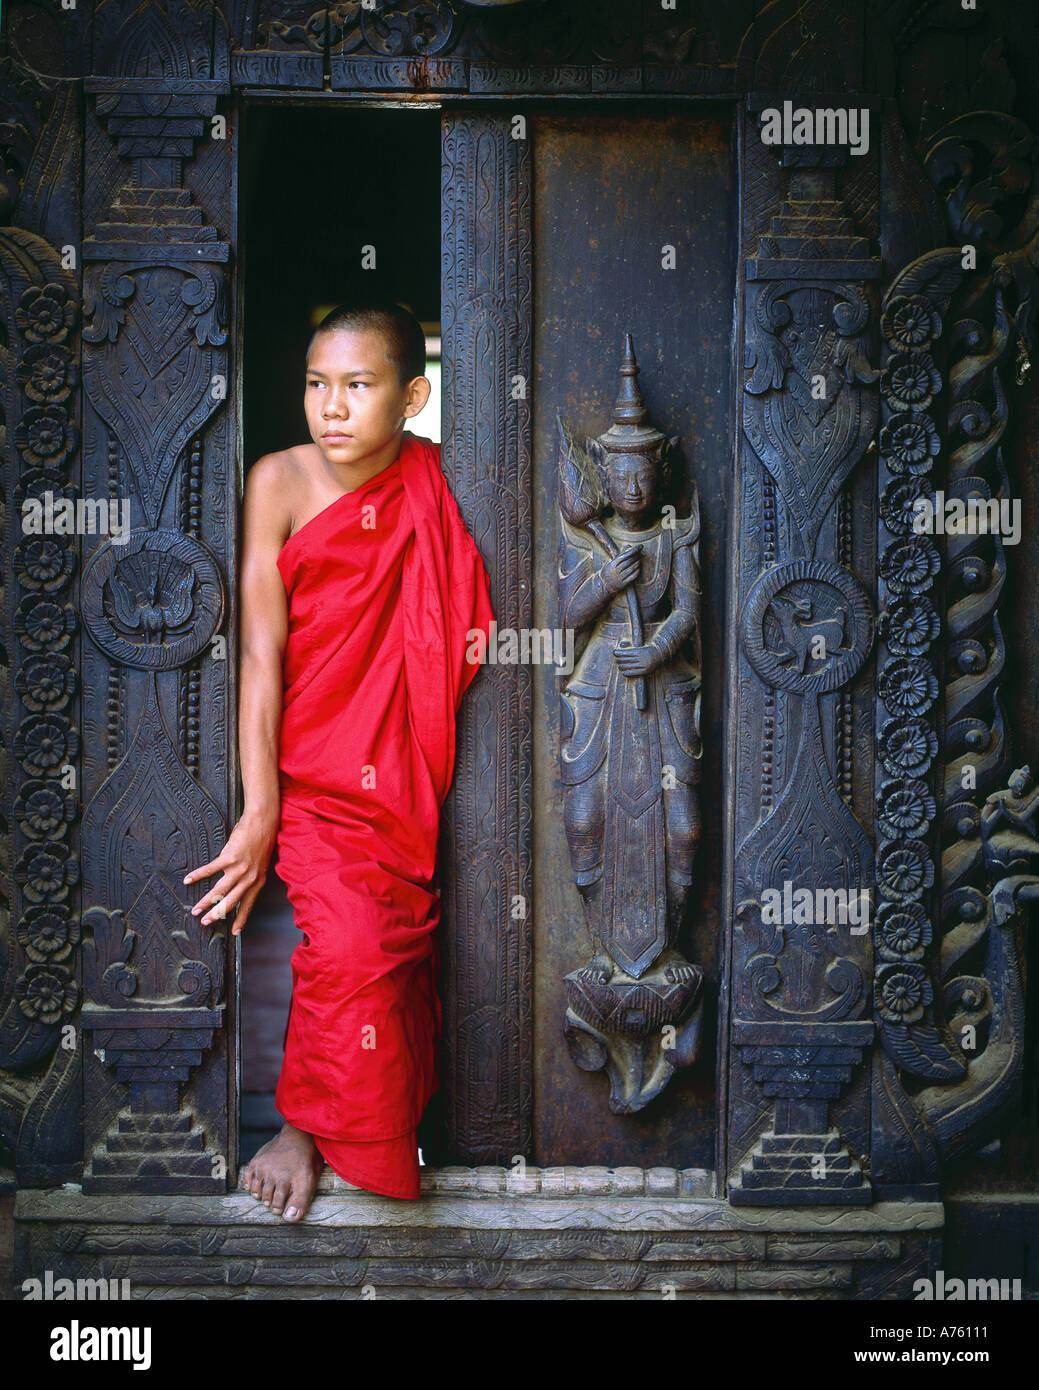 Buddhist monk, Mandalay, Myanmar  (Burma) - Stock Image